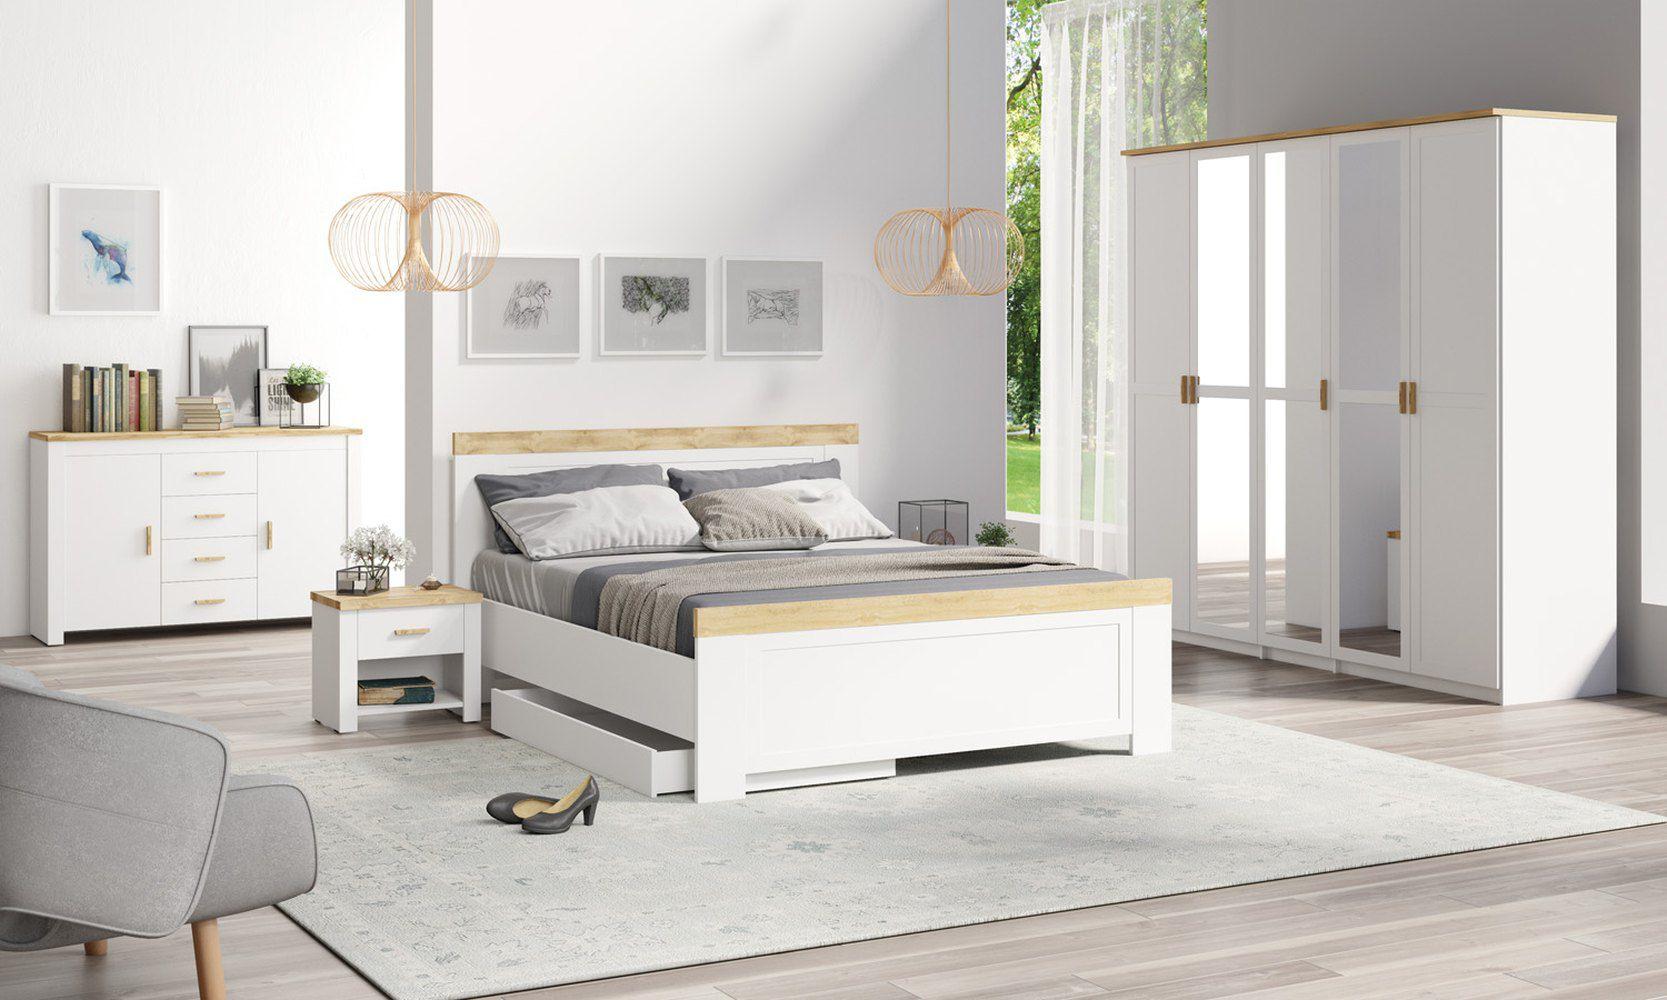 """Schlafzimmer Komplett - Set  """"Dodoni"""", 5-teilig, Weiß / Eiche"""